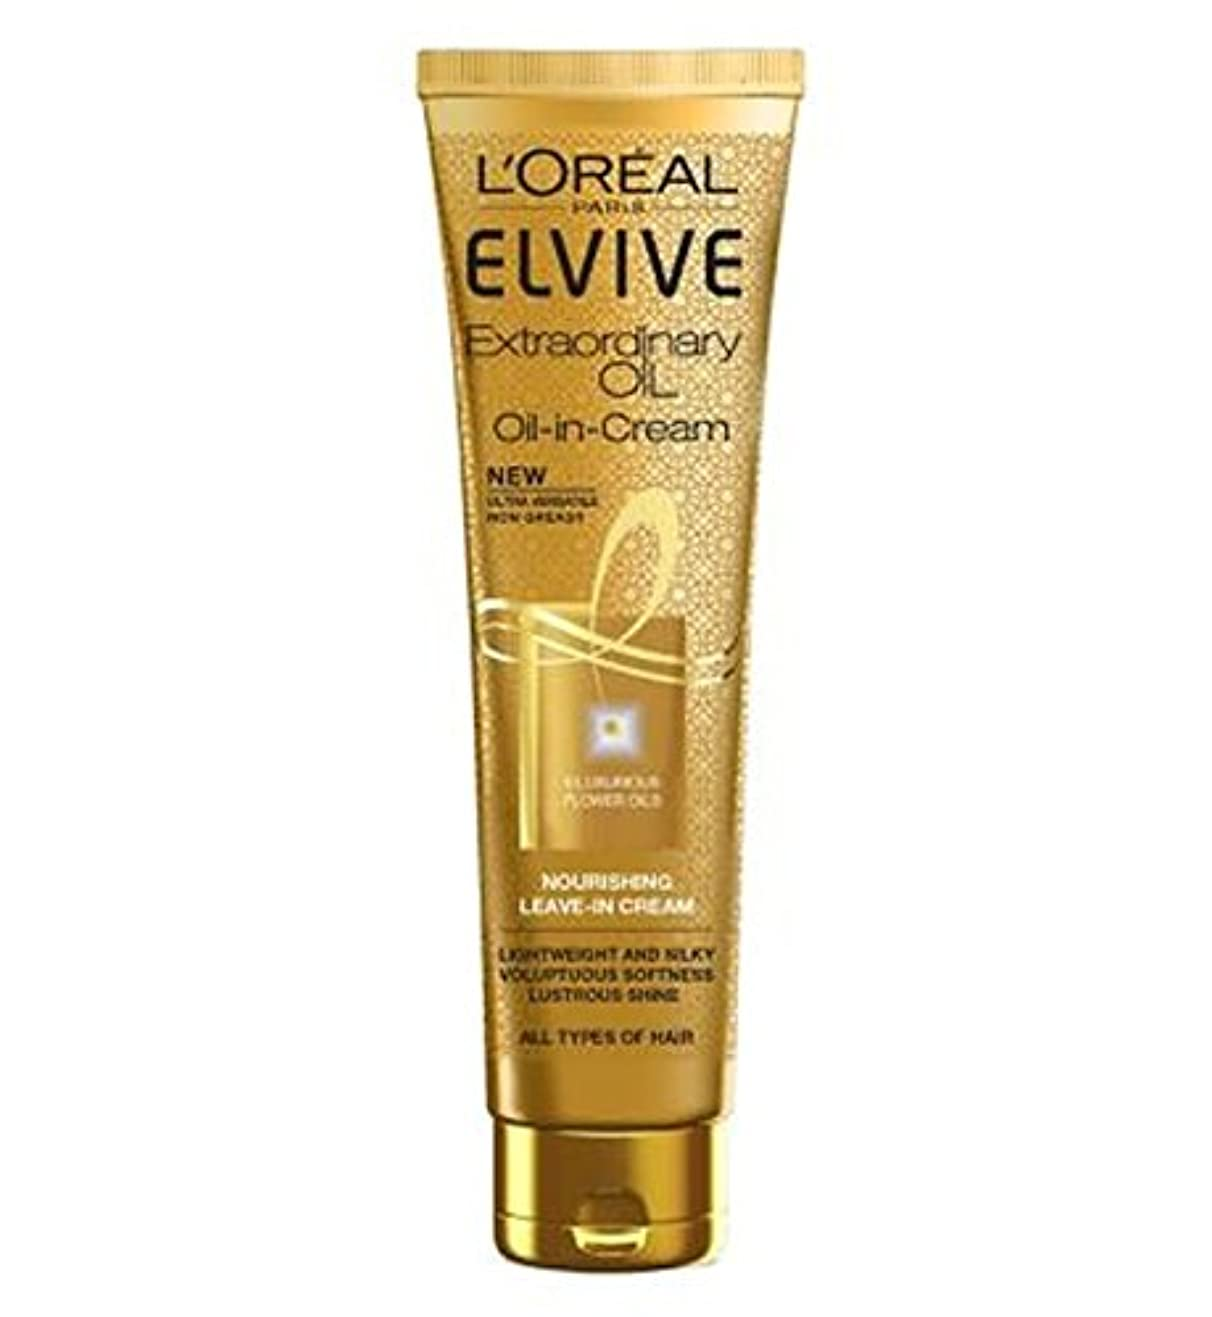 シソーラス横たわる口頭すべての髪のタイプのクリームでロレアルパリElvive臨時オイル (L'Oreal) (x2) - L'Oreal Paris Elvive Extraordinary Oil in Cream All Hair Types...